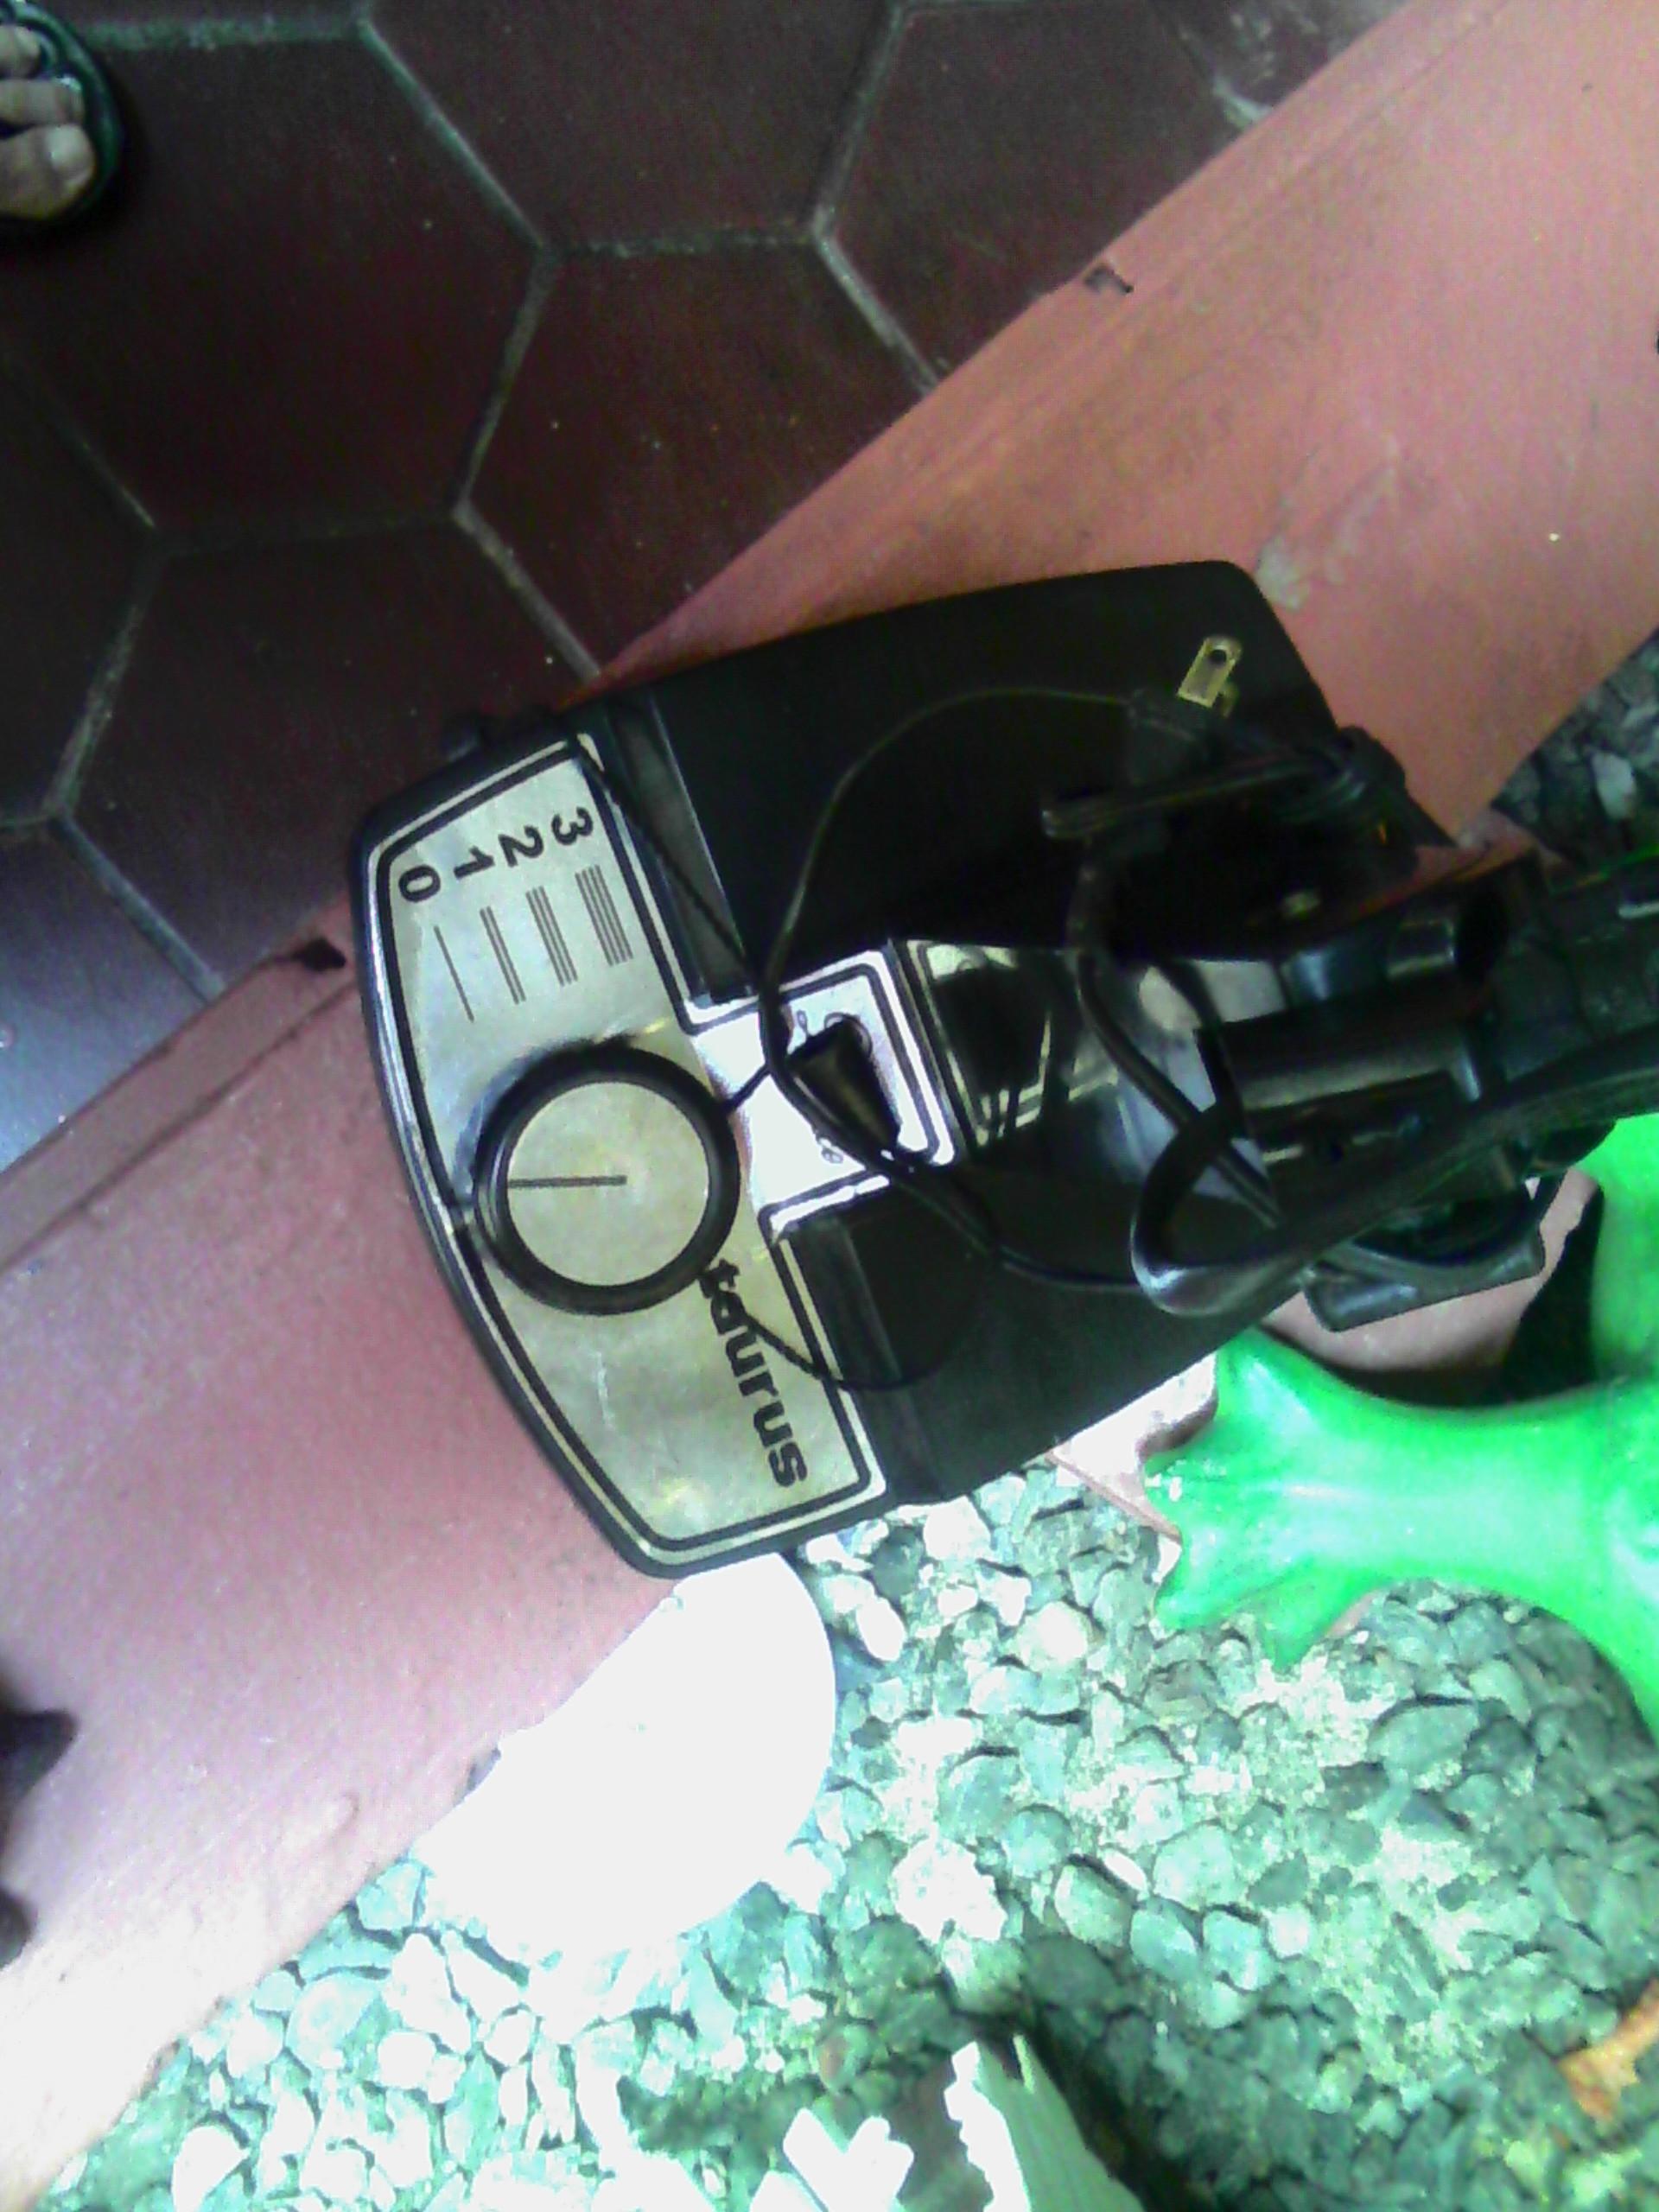 Fotos de ventiladores taurus yoreparo - Fotos de ventiladores ...